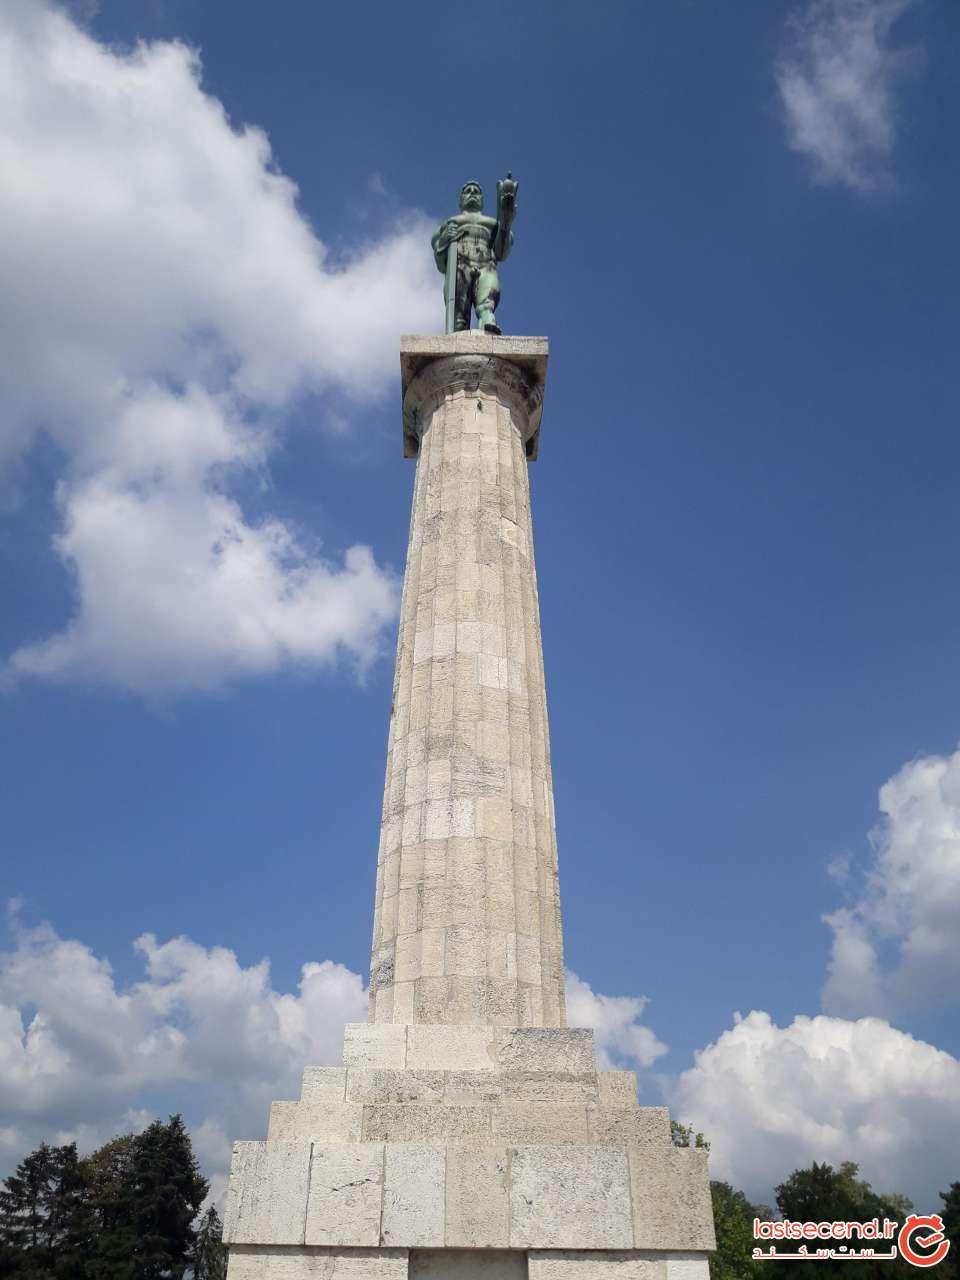 بنای یادبود ویکتور در قلعه بلگراد